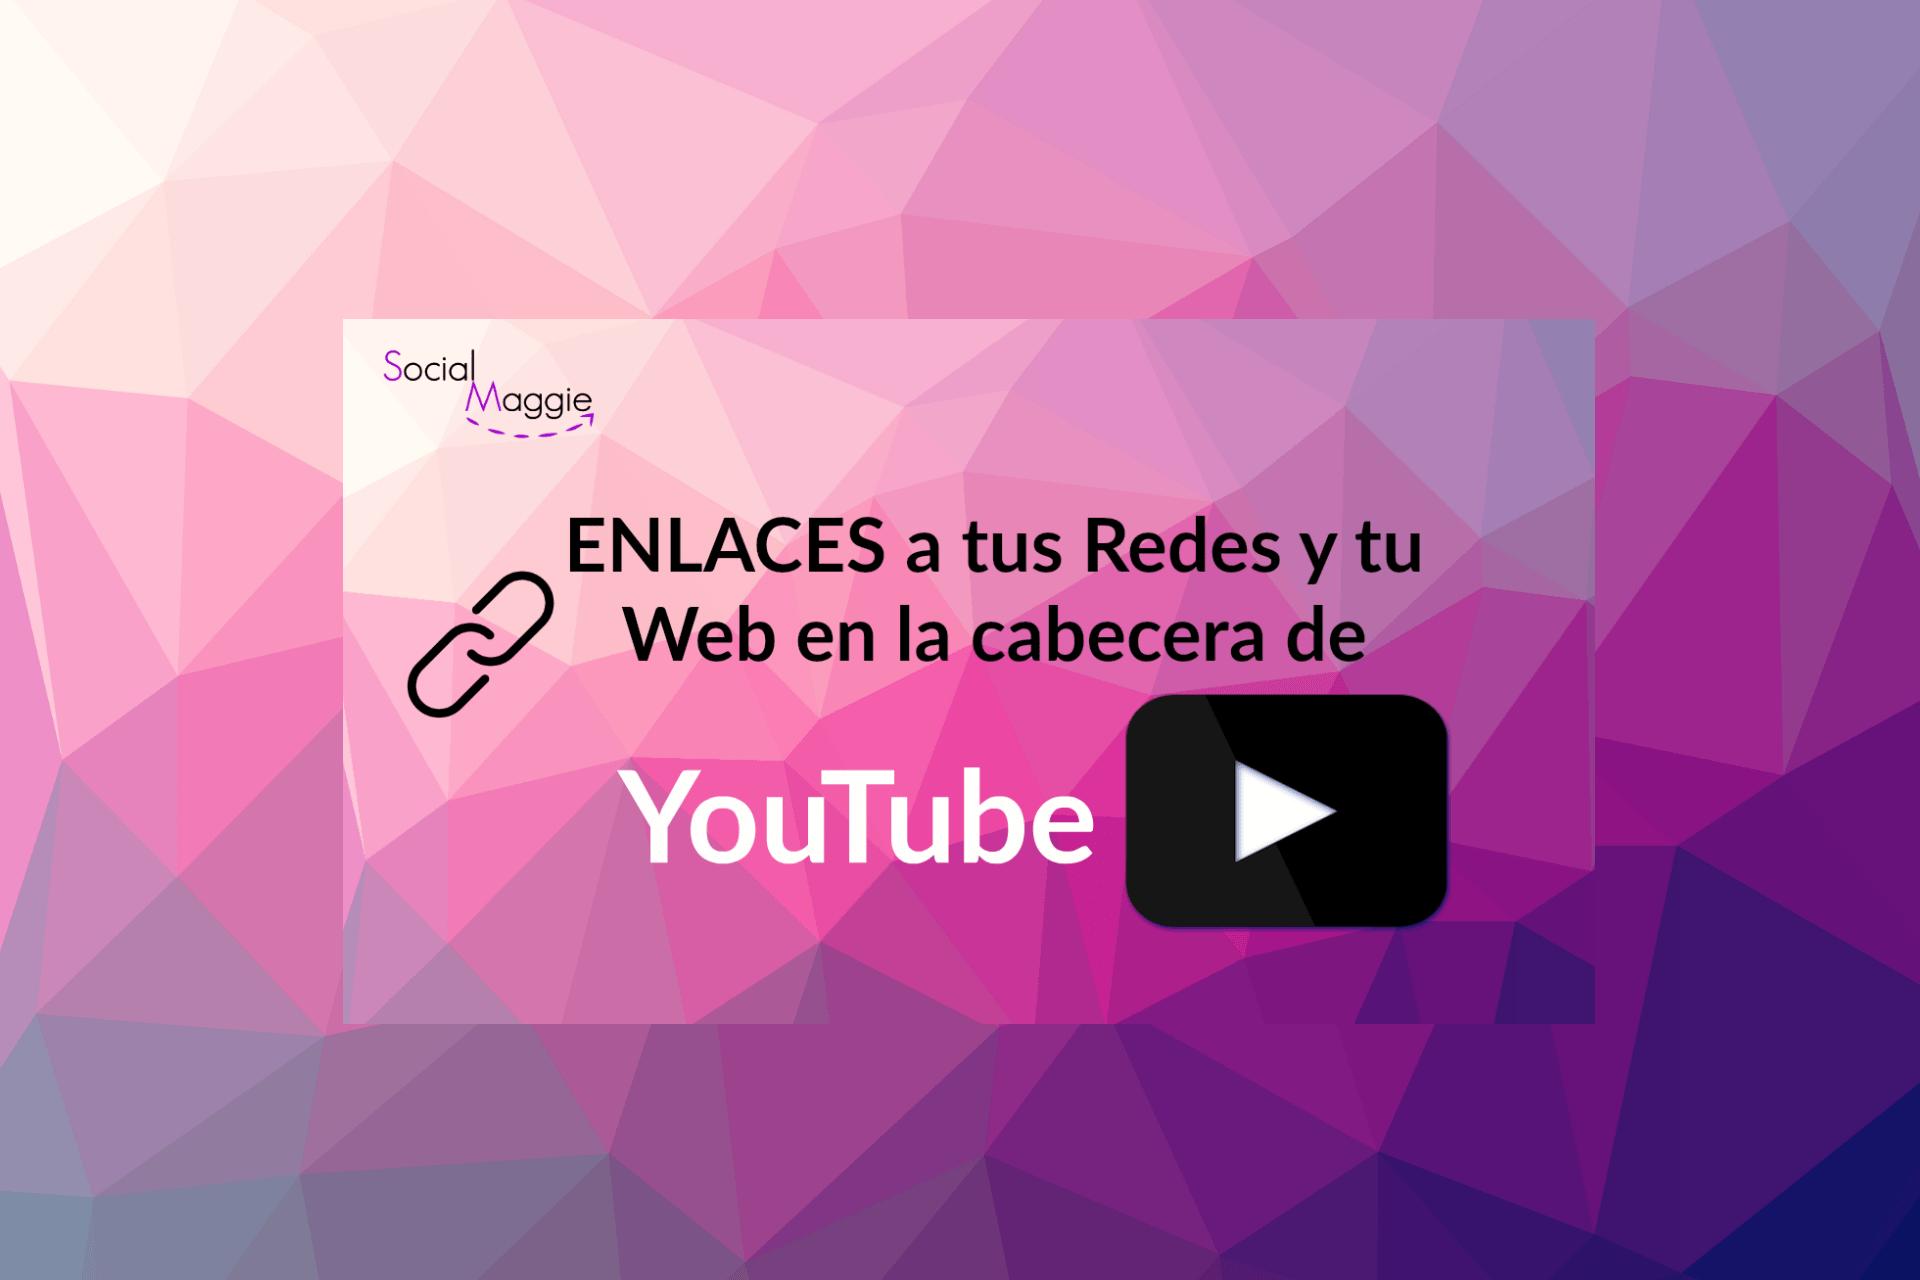 Cómo añadir enlaces a tus Redes Sociales y web en la cabecera de YouTube